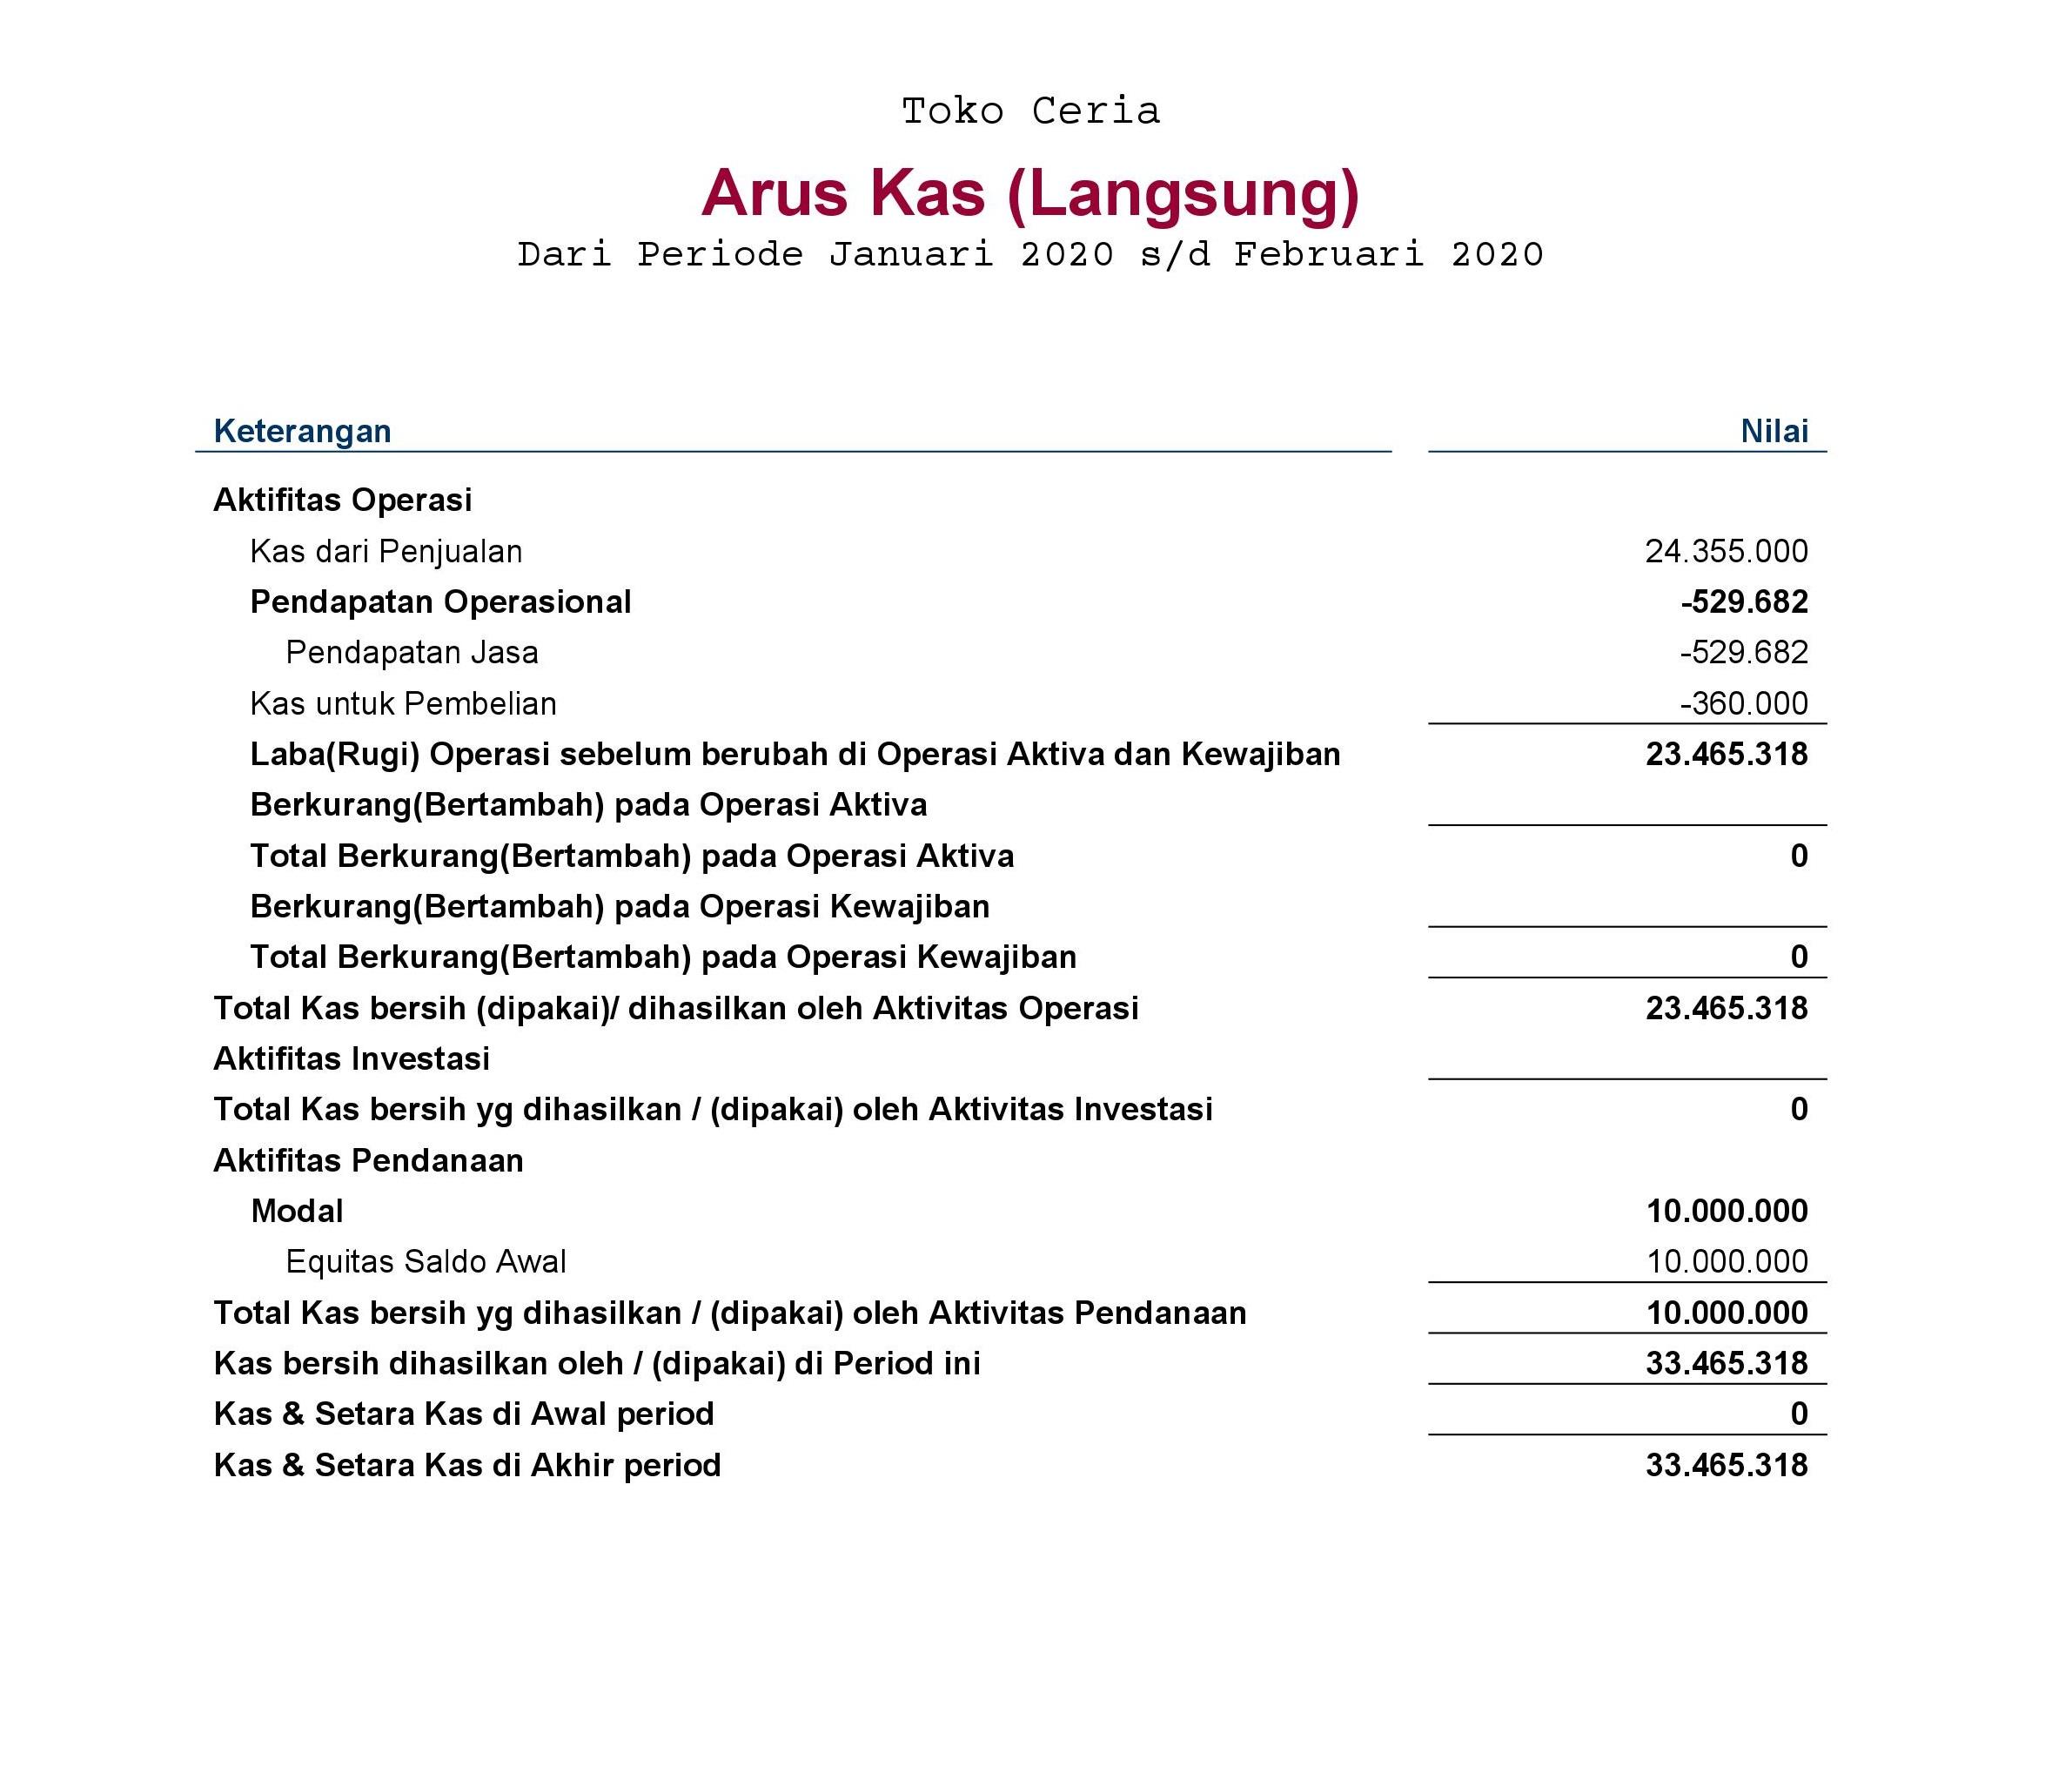 laporan keuangan arus kas